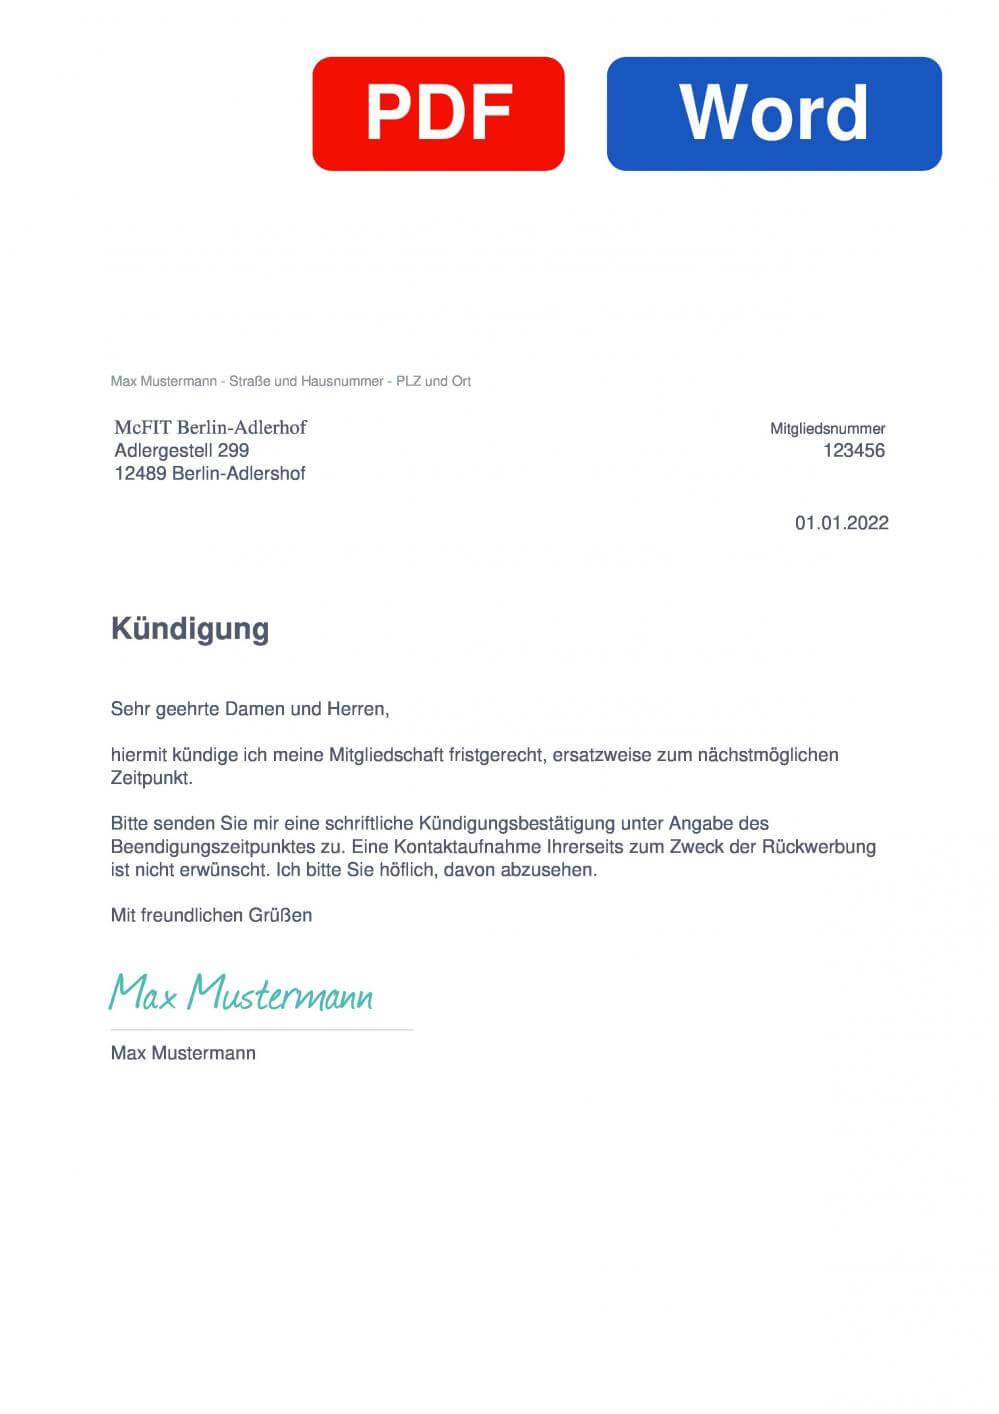 McFIT Berlin-Adlershof Muster Vorlage für Kündigungsschreiben